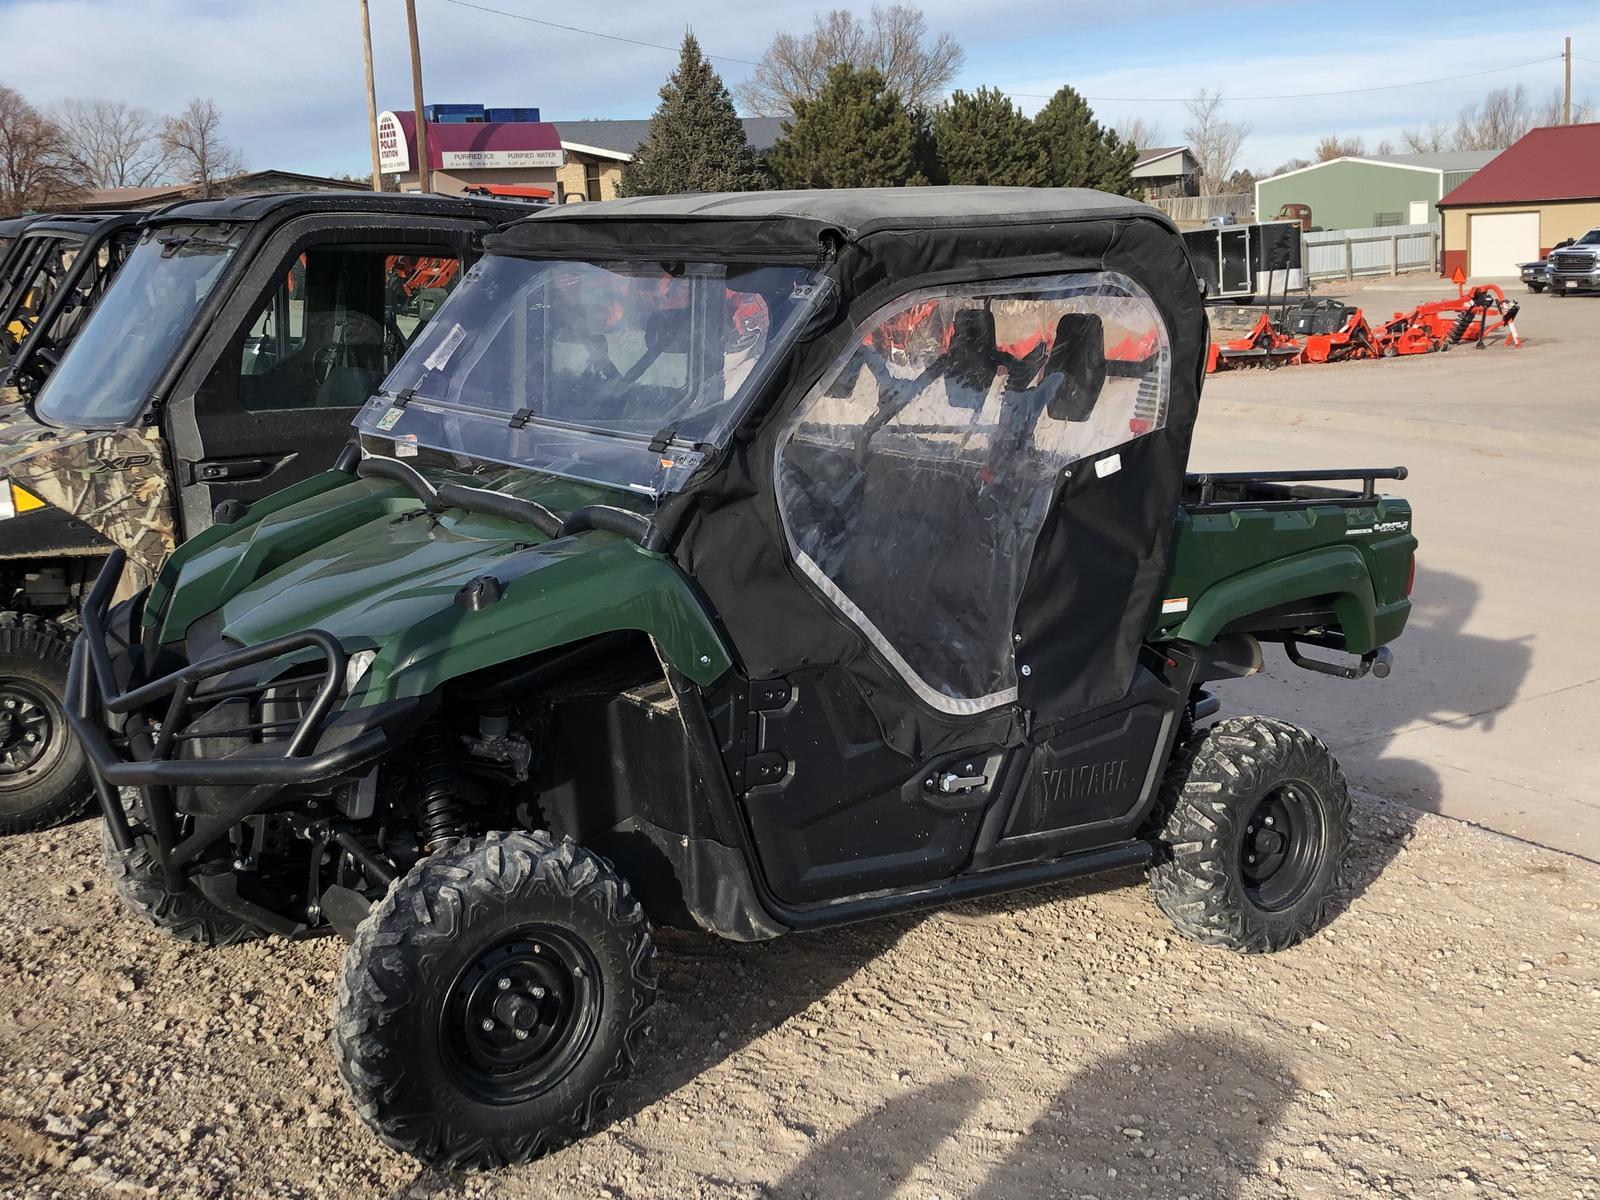 Inventory from Yamaha, Honda, KIOTI, Mud Max, Can-Am and